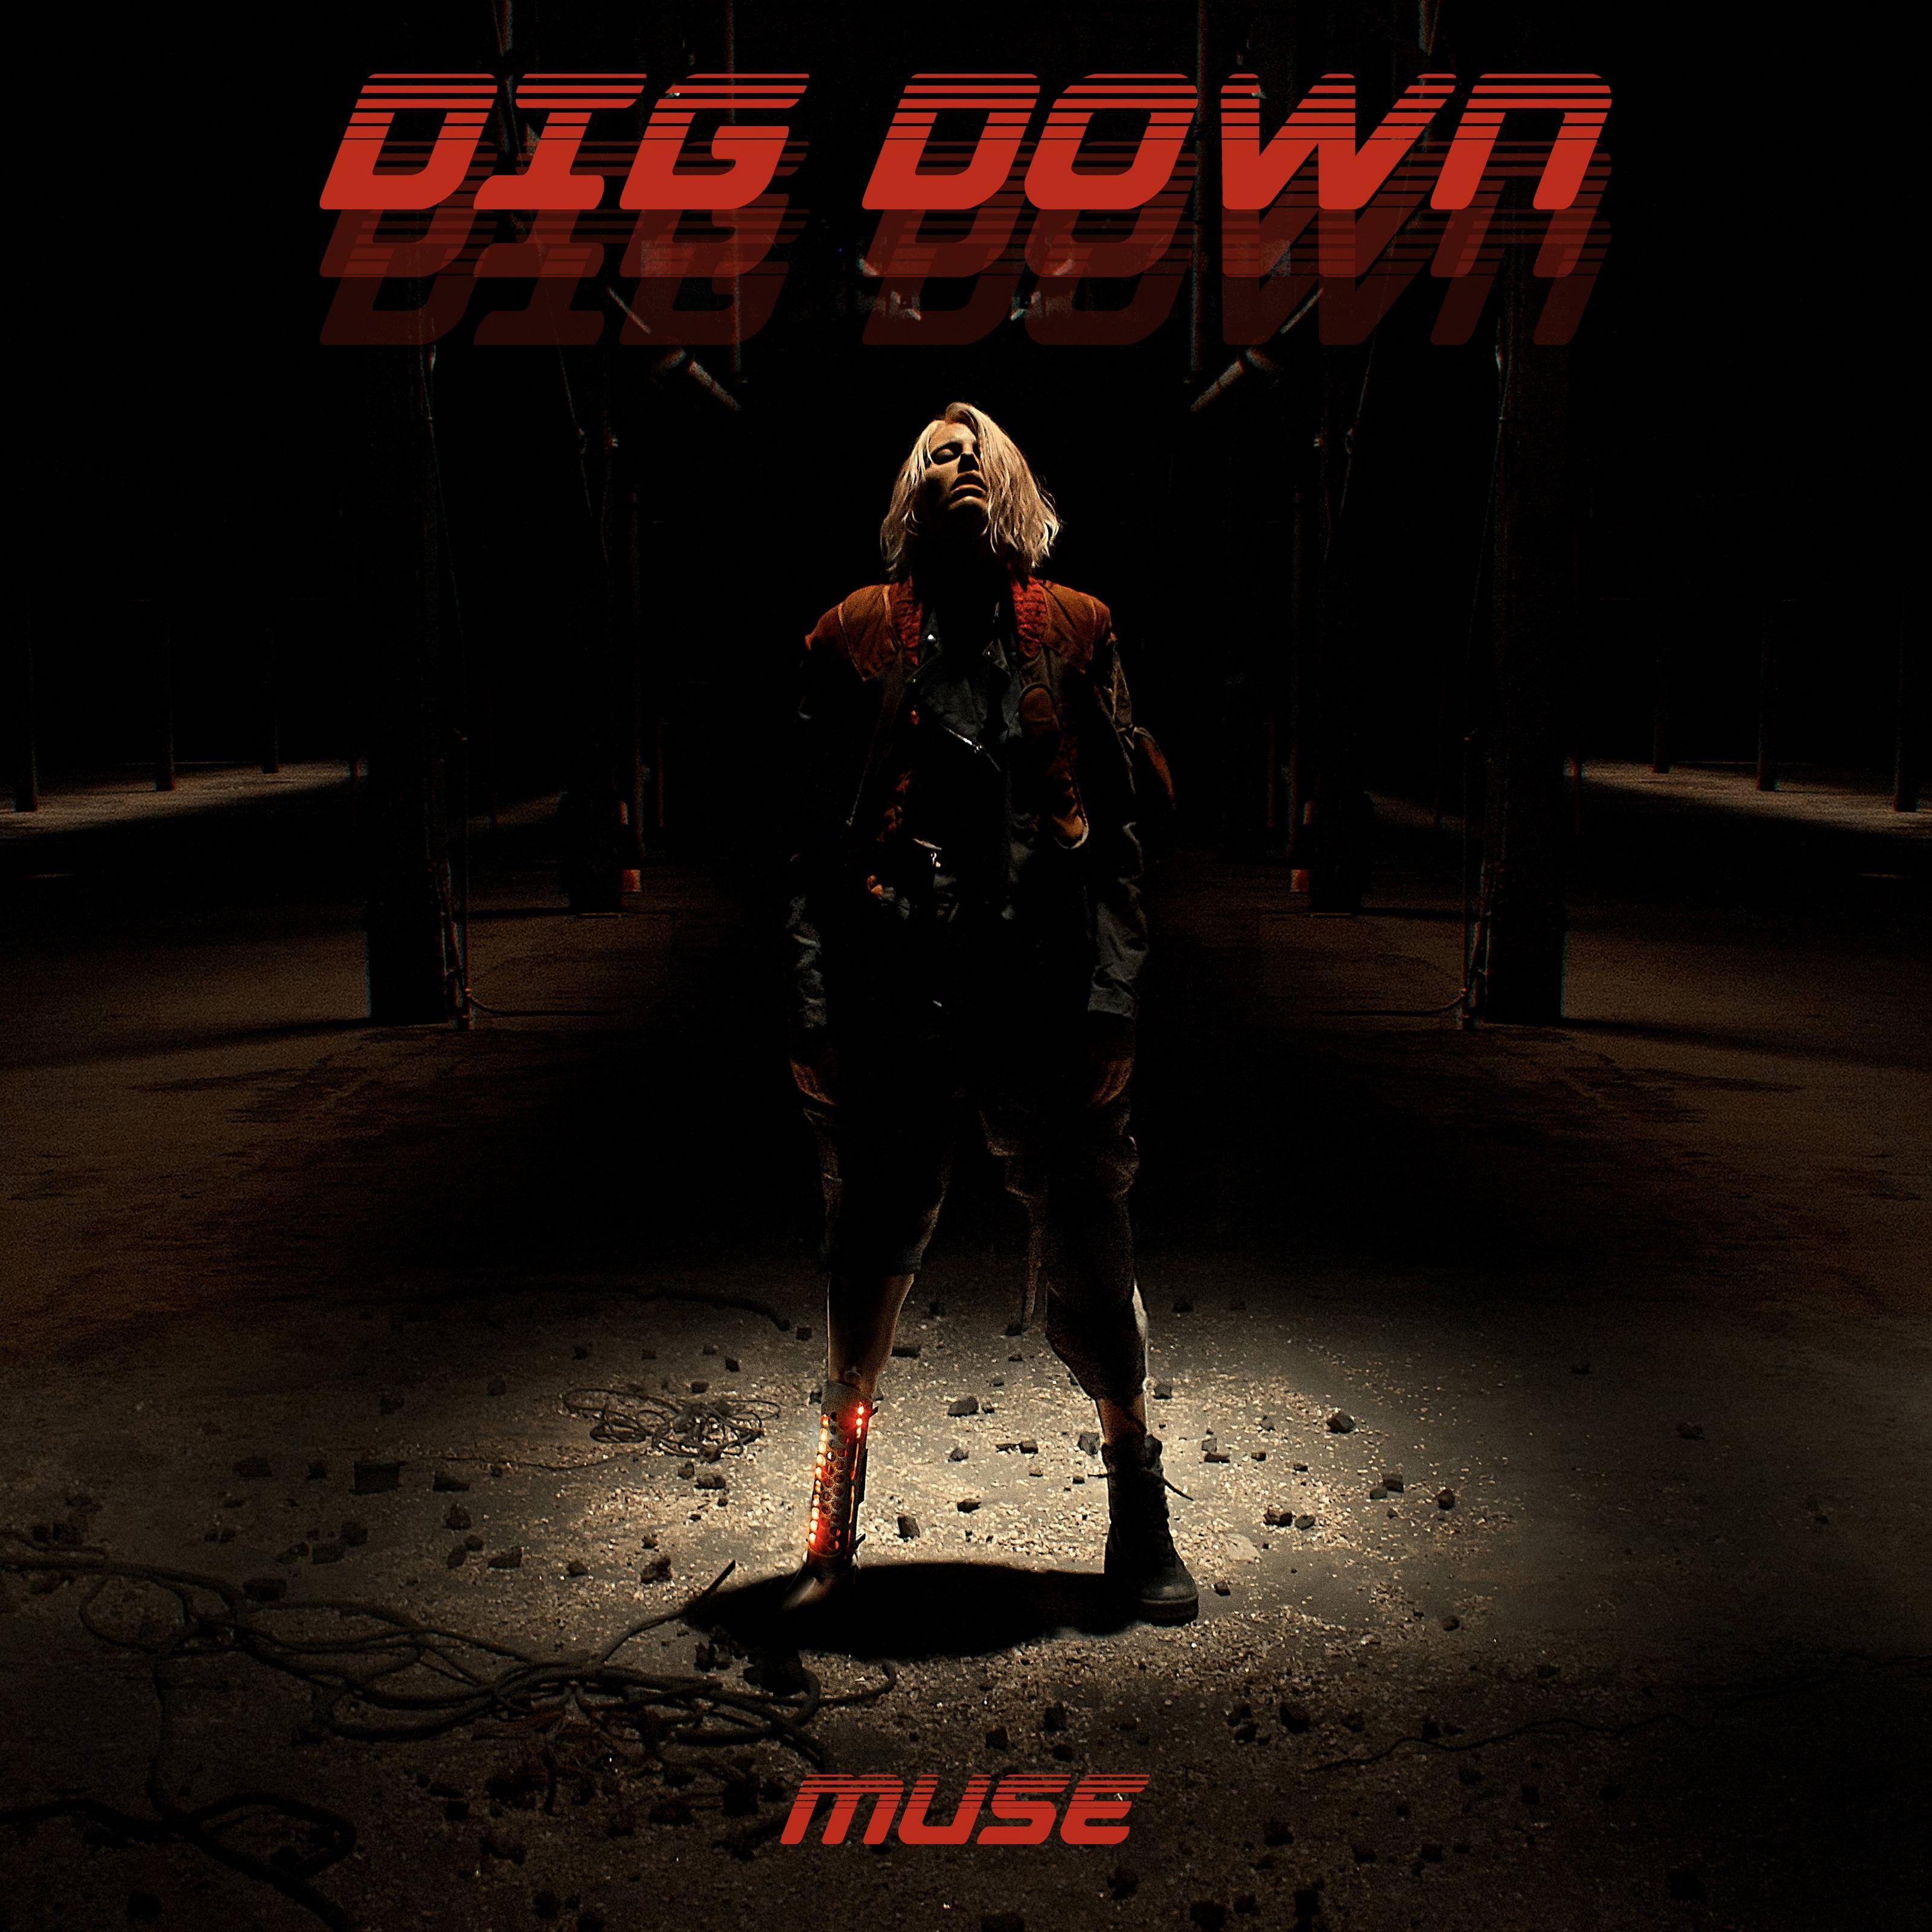 Dig Down -